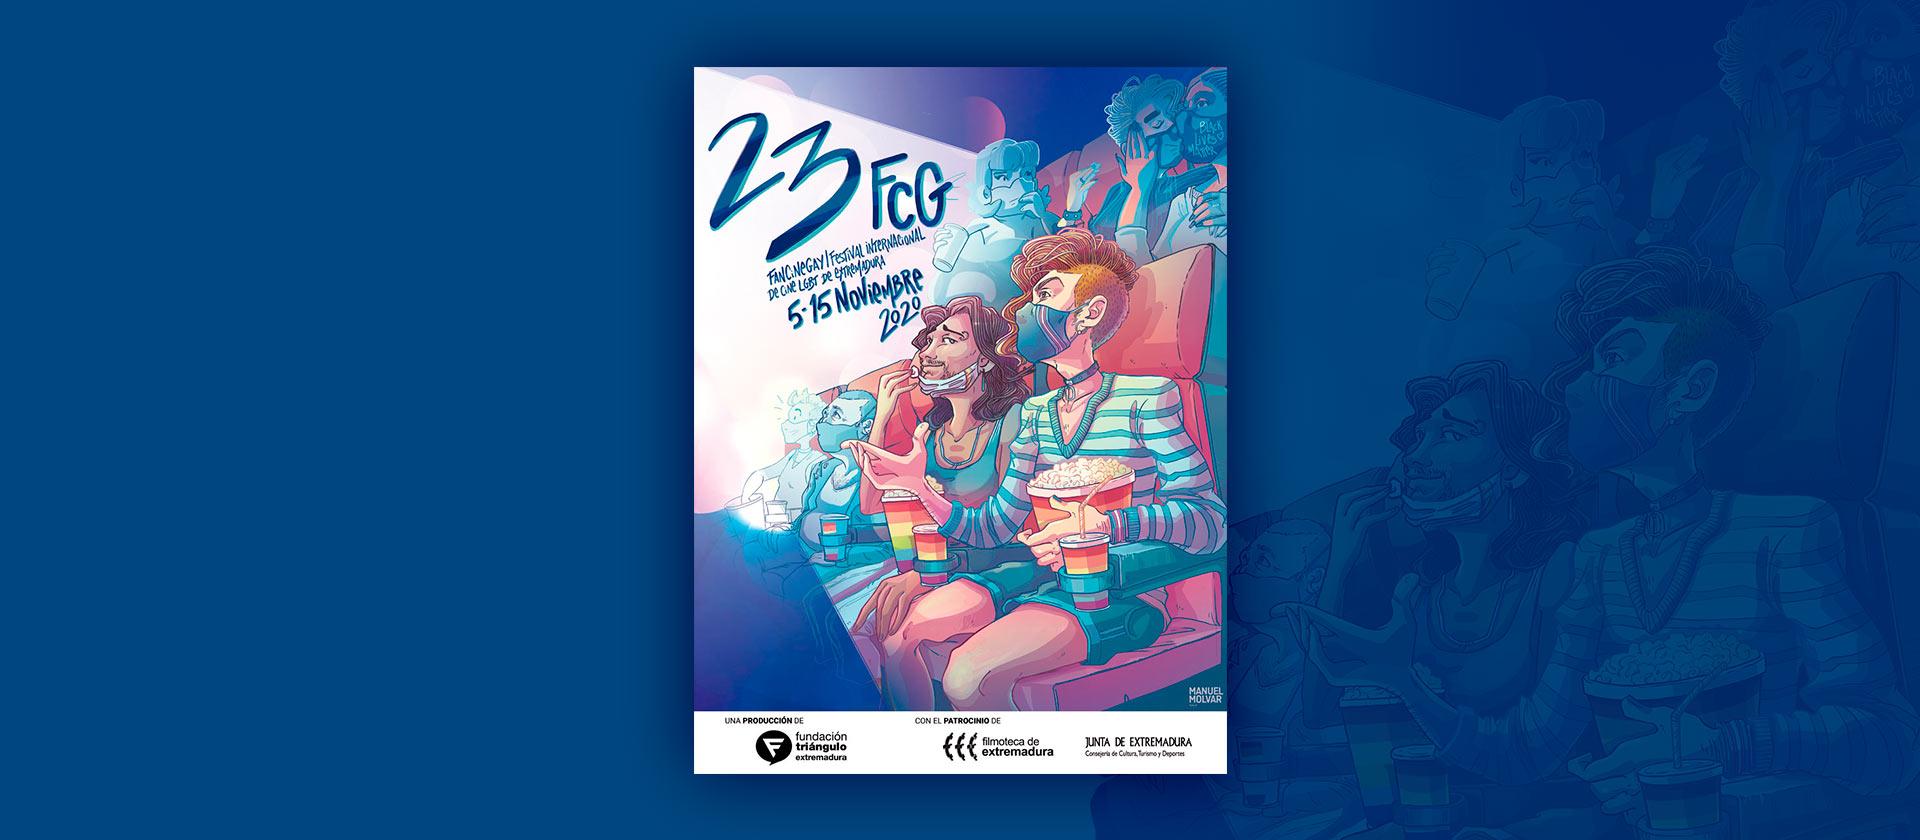 El sevillano Manuel Molvar firma el cartel de la 23ª edición de FanCineGay